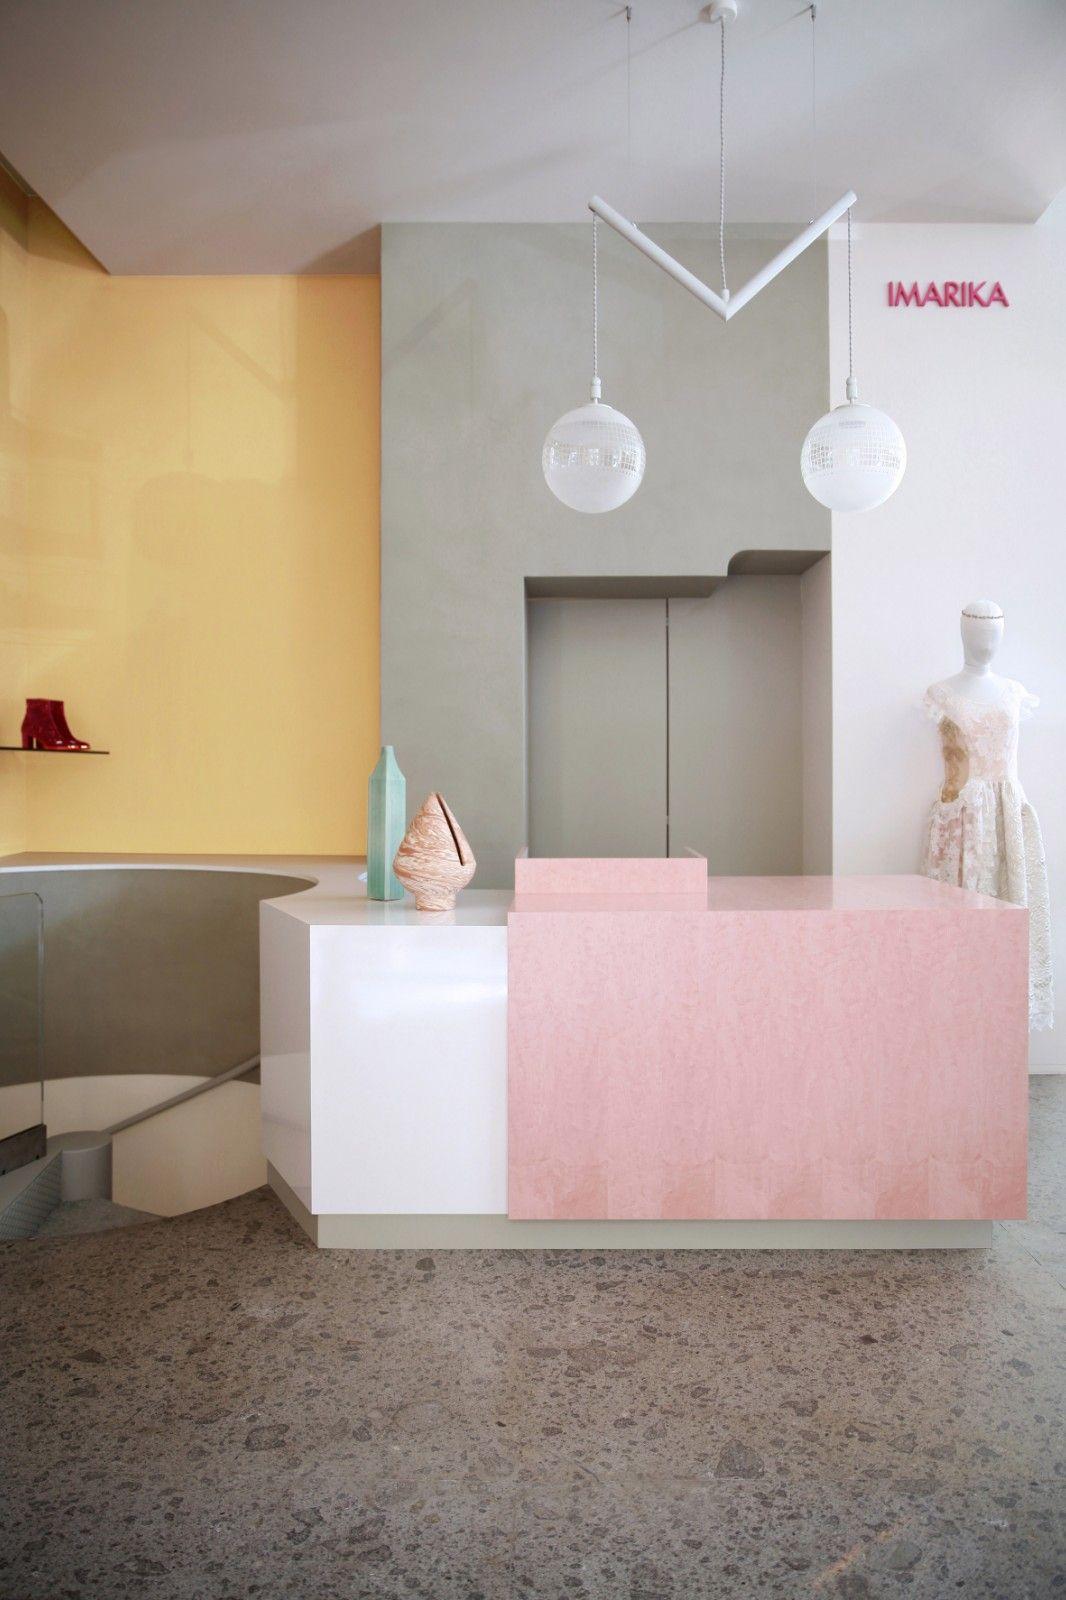 首发 | Marcante-Testa:米兰柔和色调 Imarika精品店